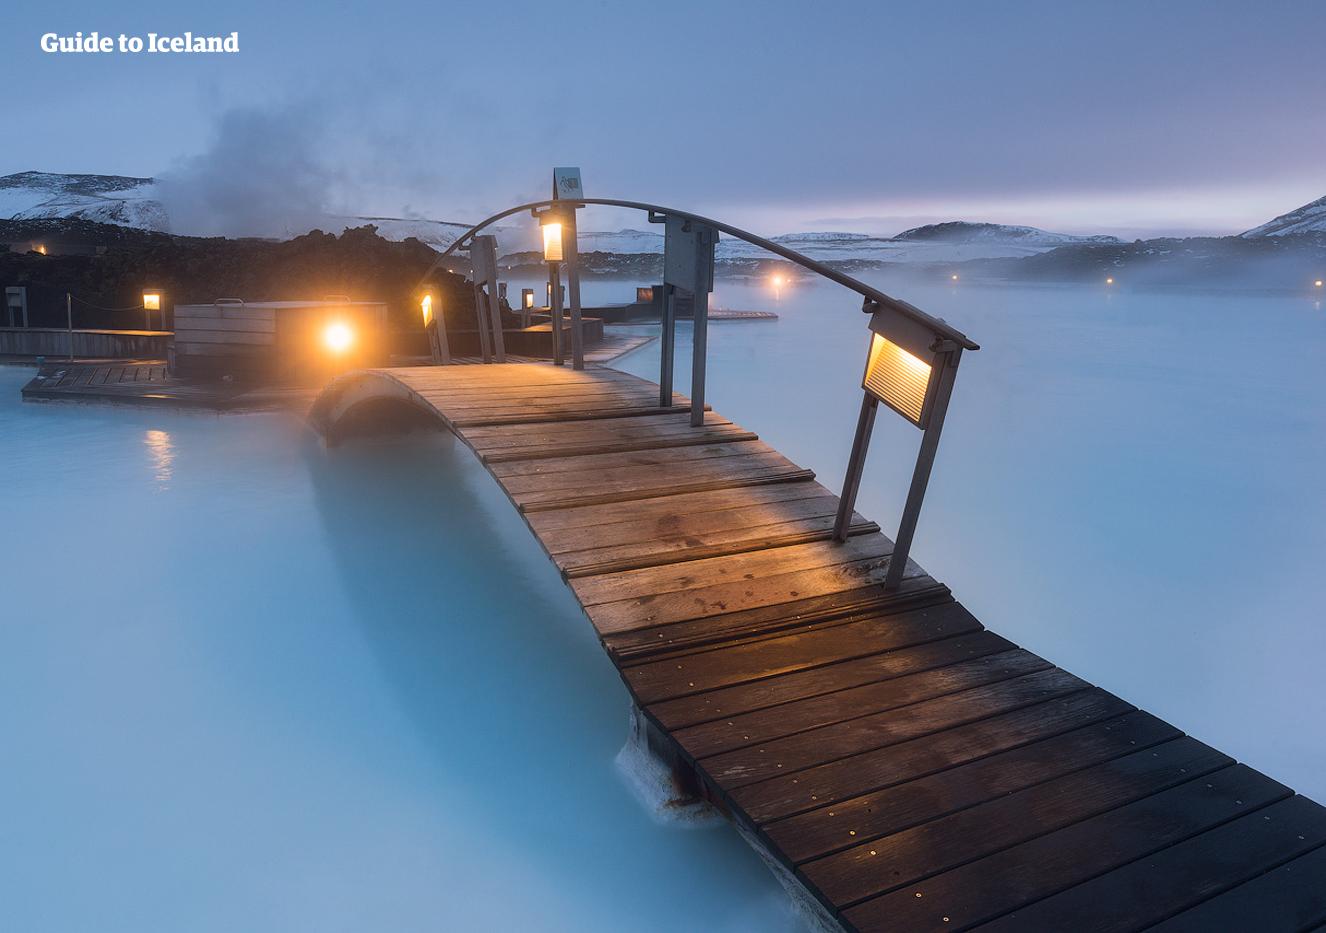 Islanda in Inverno: l'Ovest e il Sud|Aurore Boreali|7 Giorni - day 1